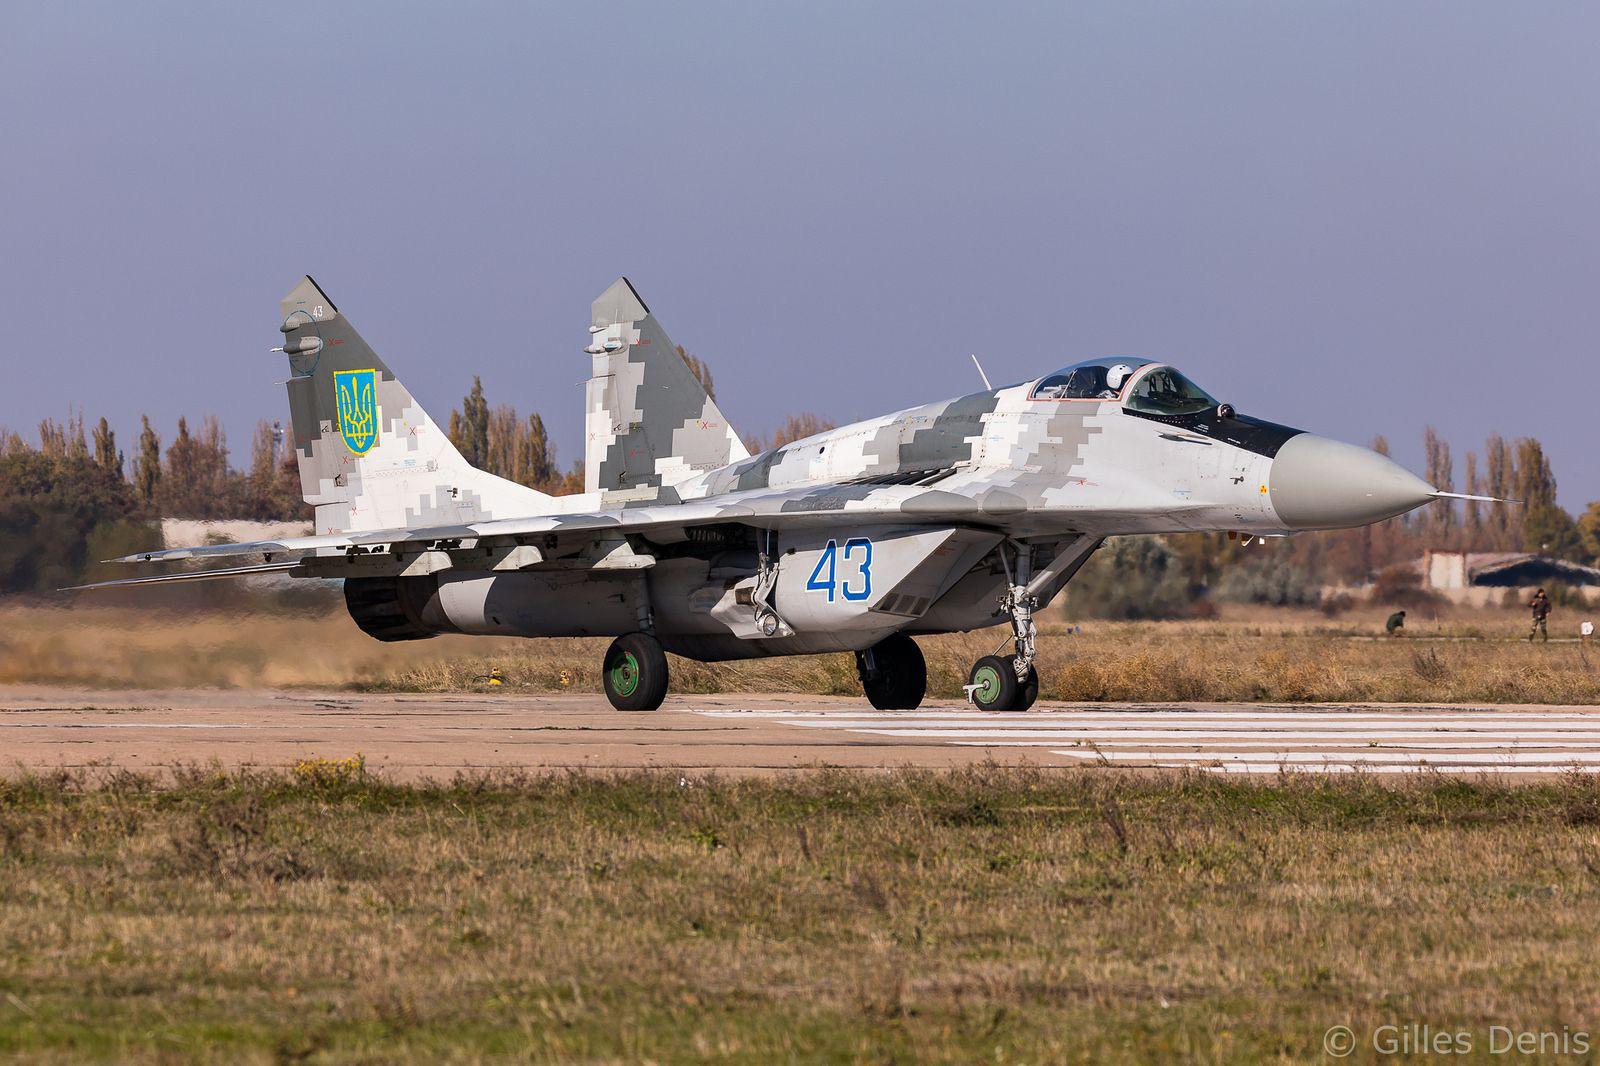 Sức mạnh của Không quân Ukraine liệu có đủ để đối phó Nga? - Ảnh 16.